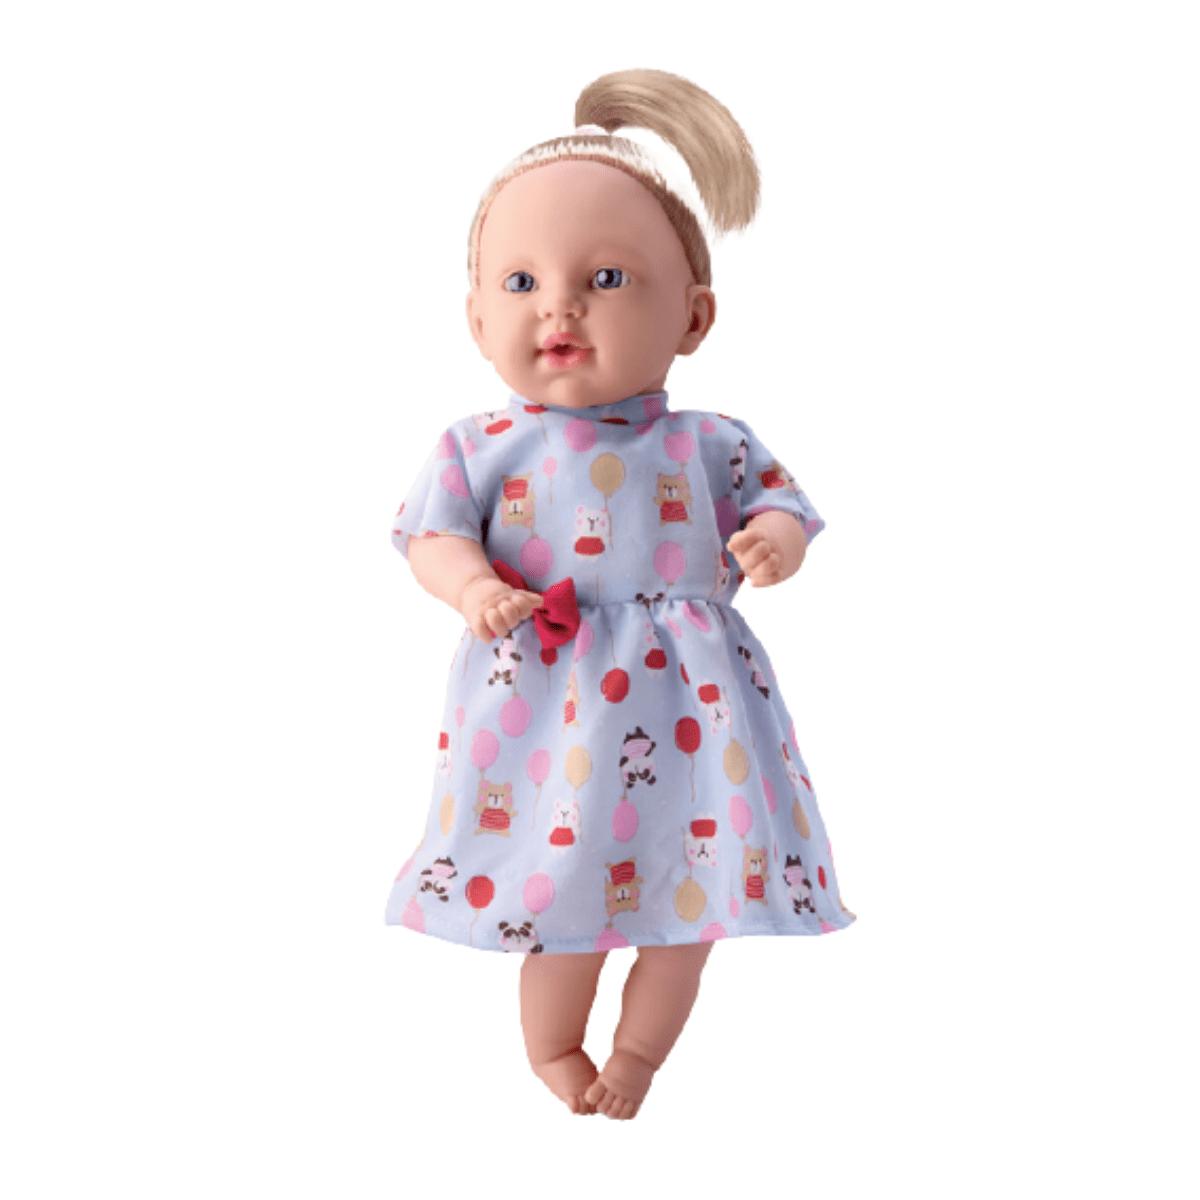 Boneca Bebe Menina Melinda Canta Cantigas De Roda - Bambola